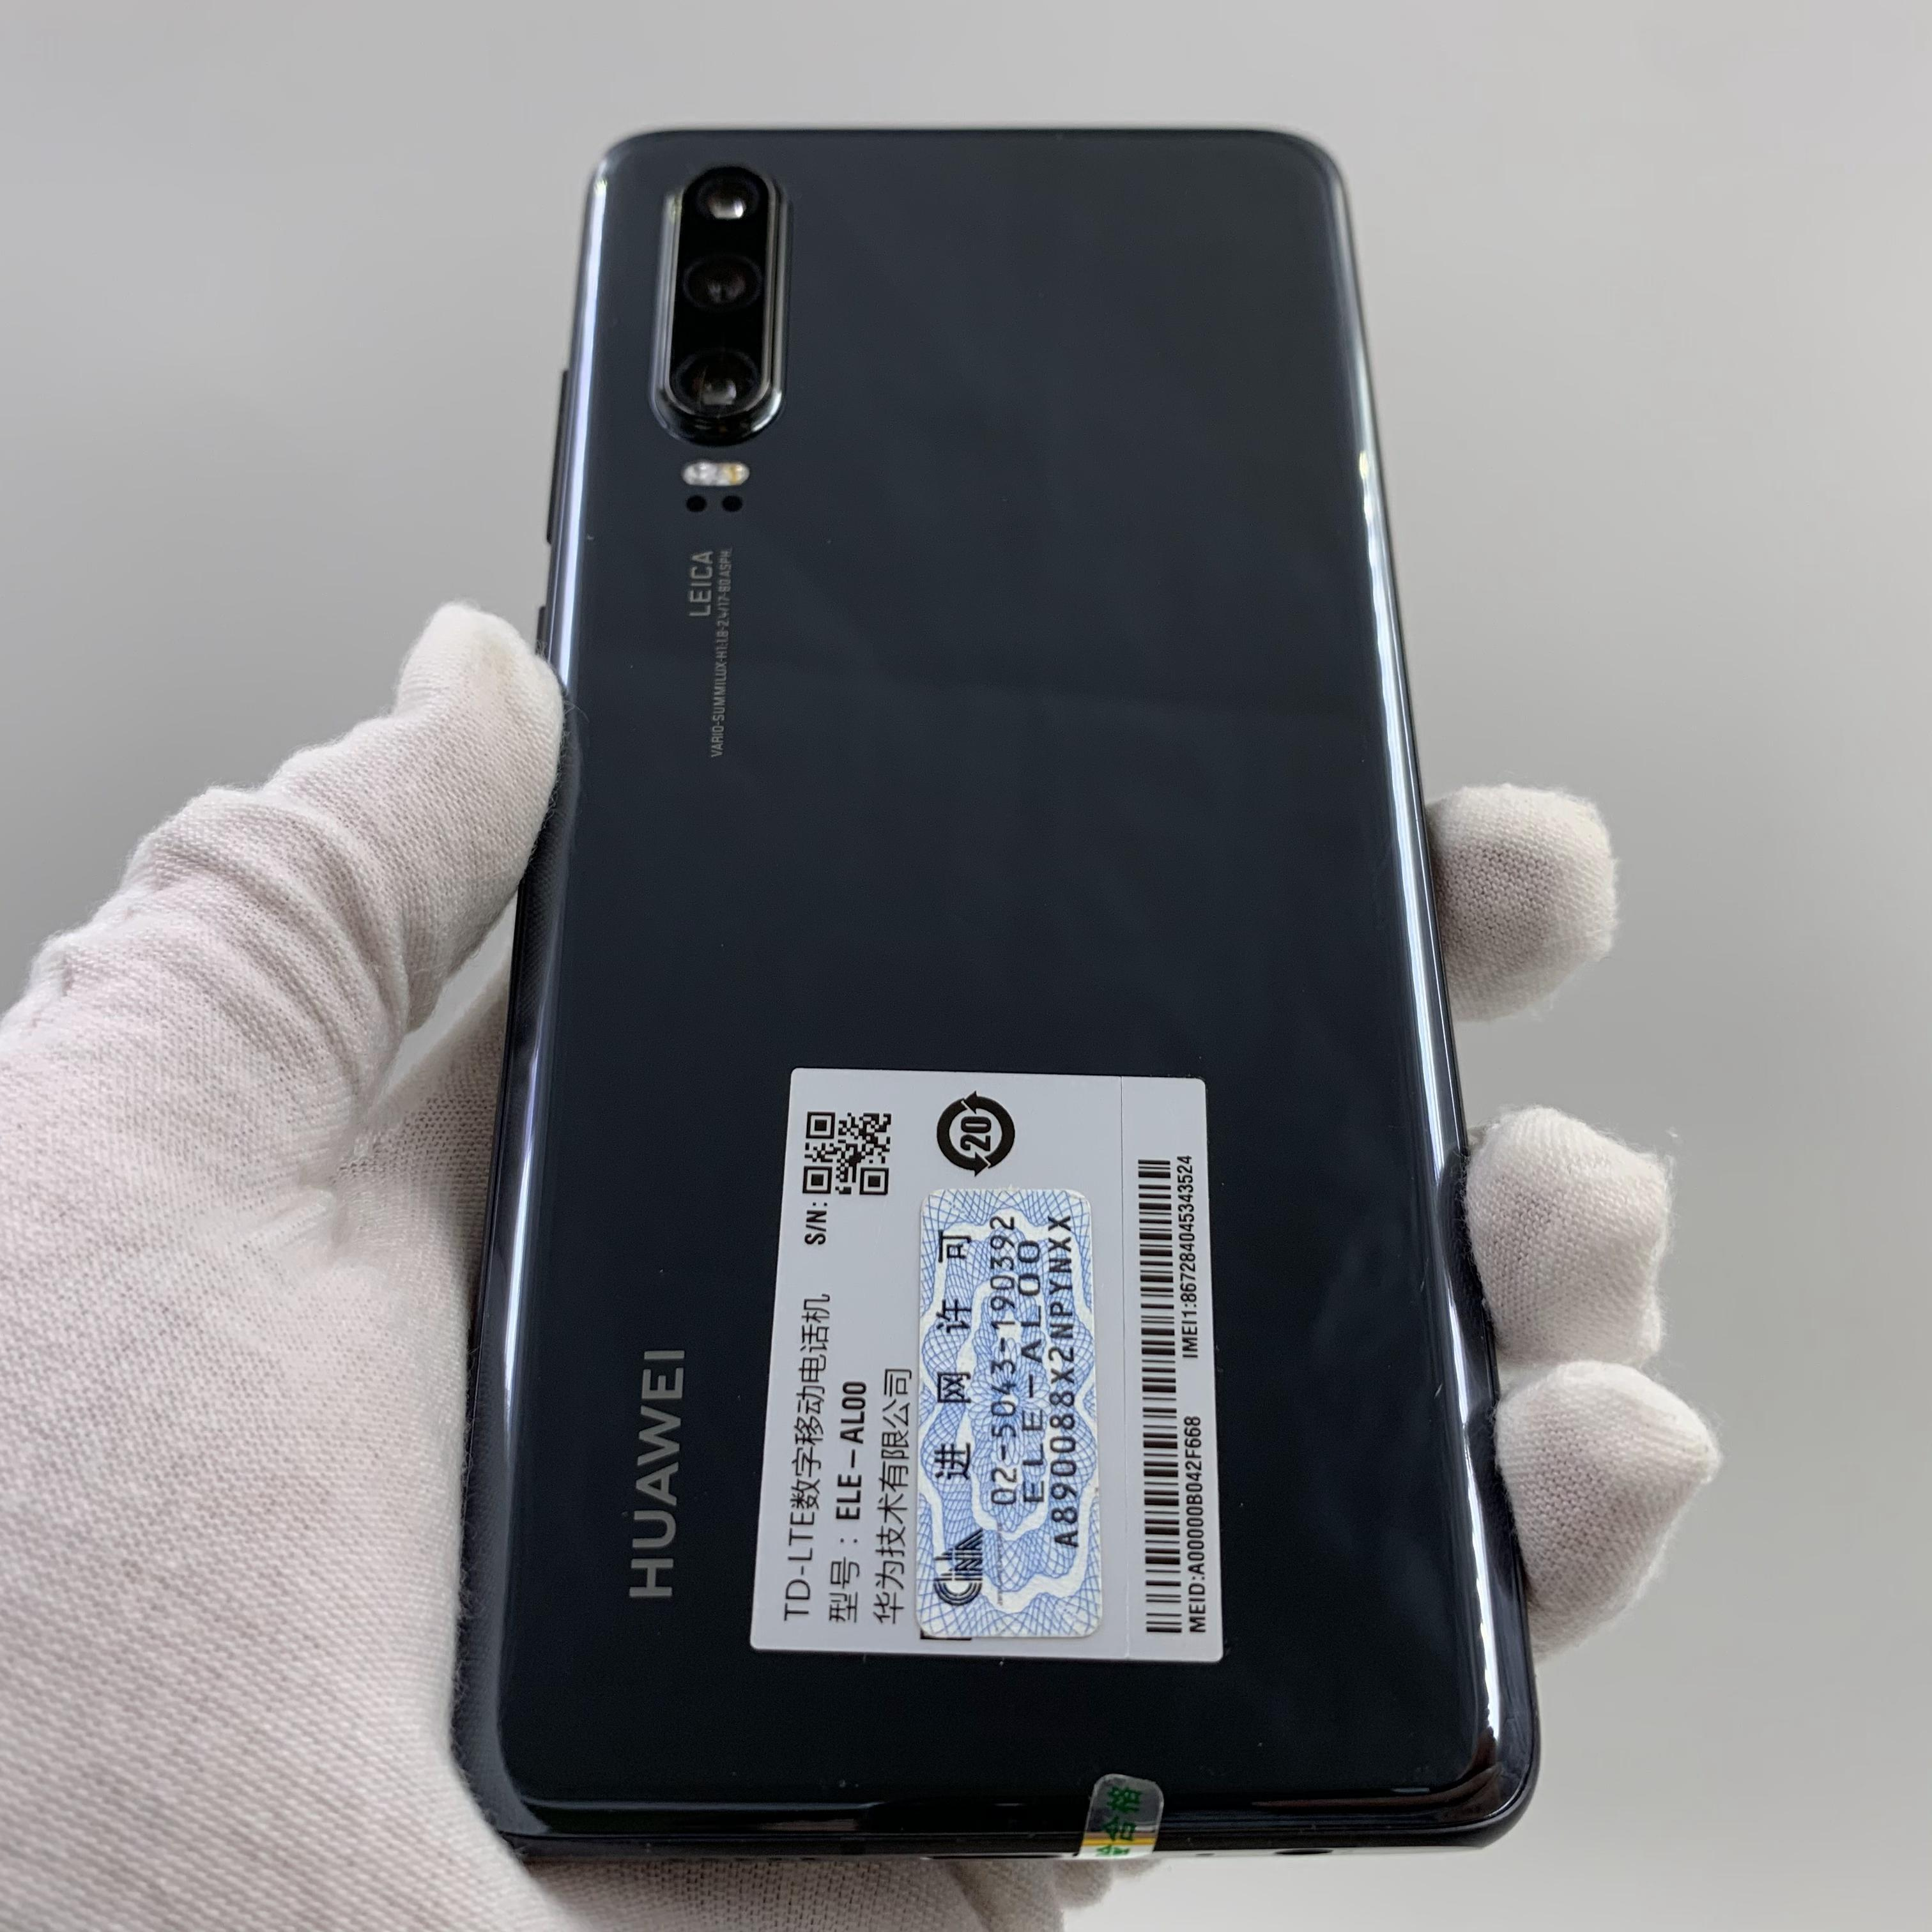 华为【P30】4G全网通 亮黑色 6G/128G 国行 9成新 真机实拍